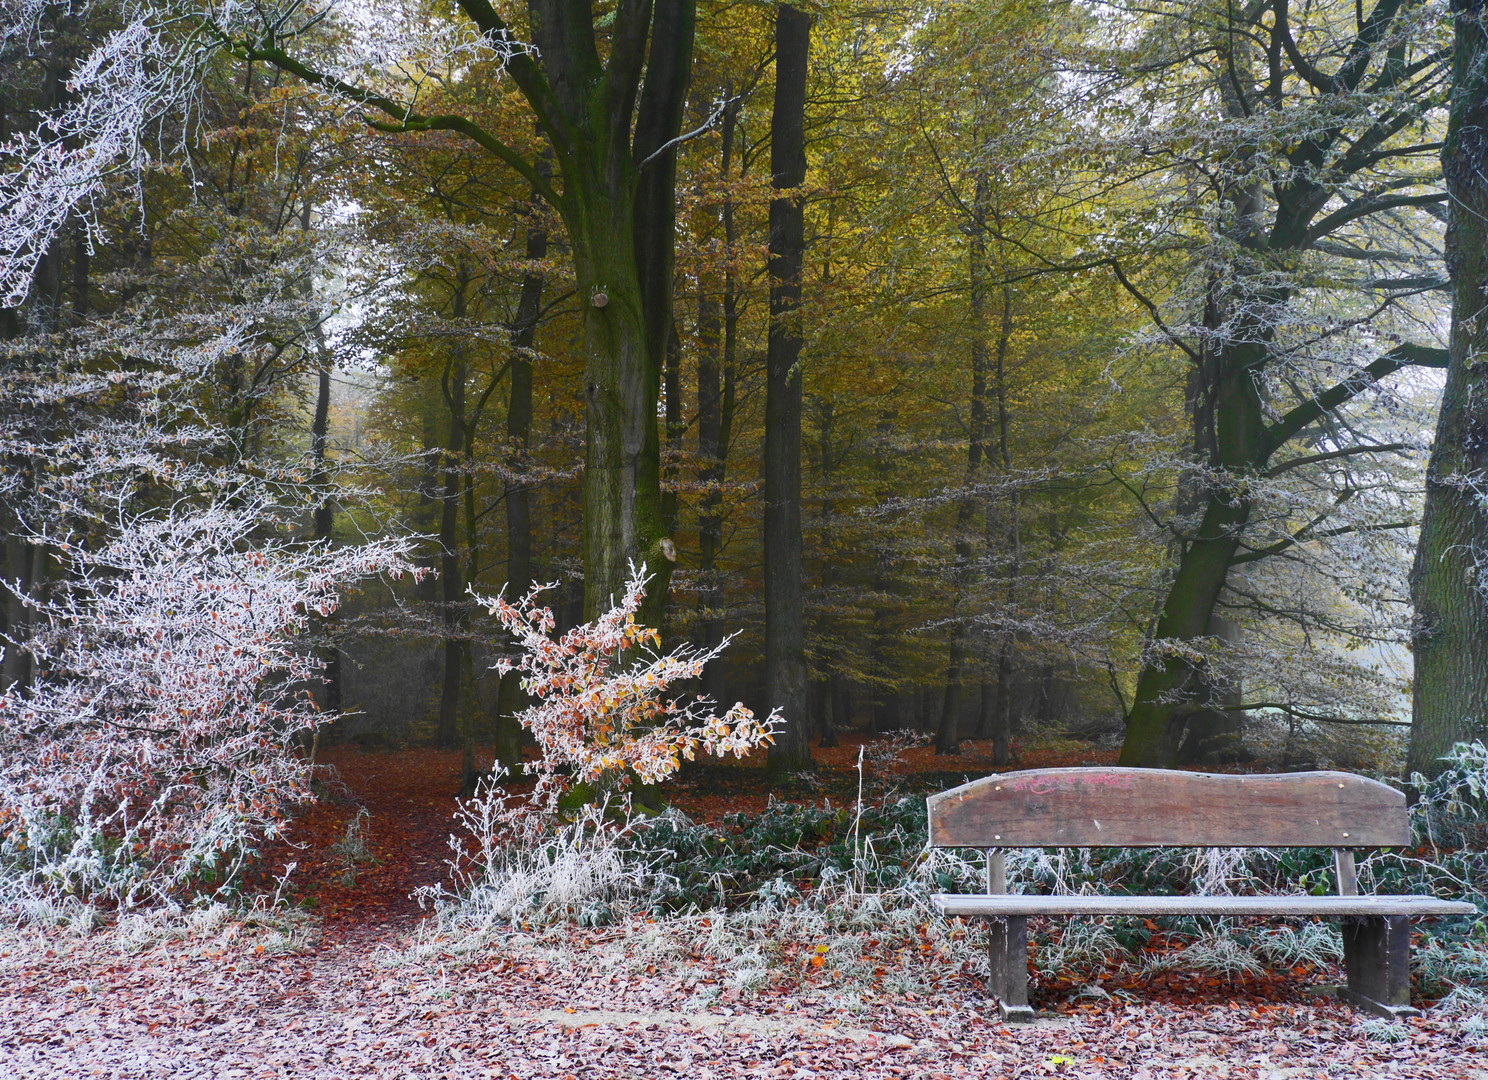 Herbst Winter Wald Foto Bild Wald Natur Herbst Bilder Auf